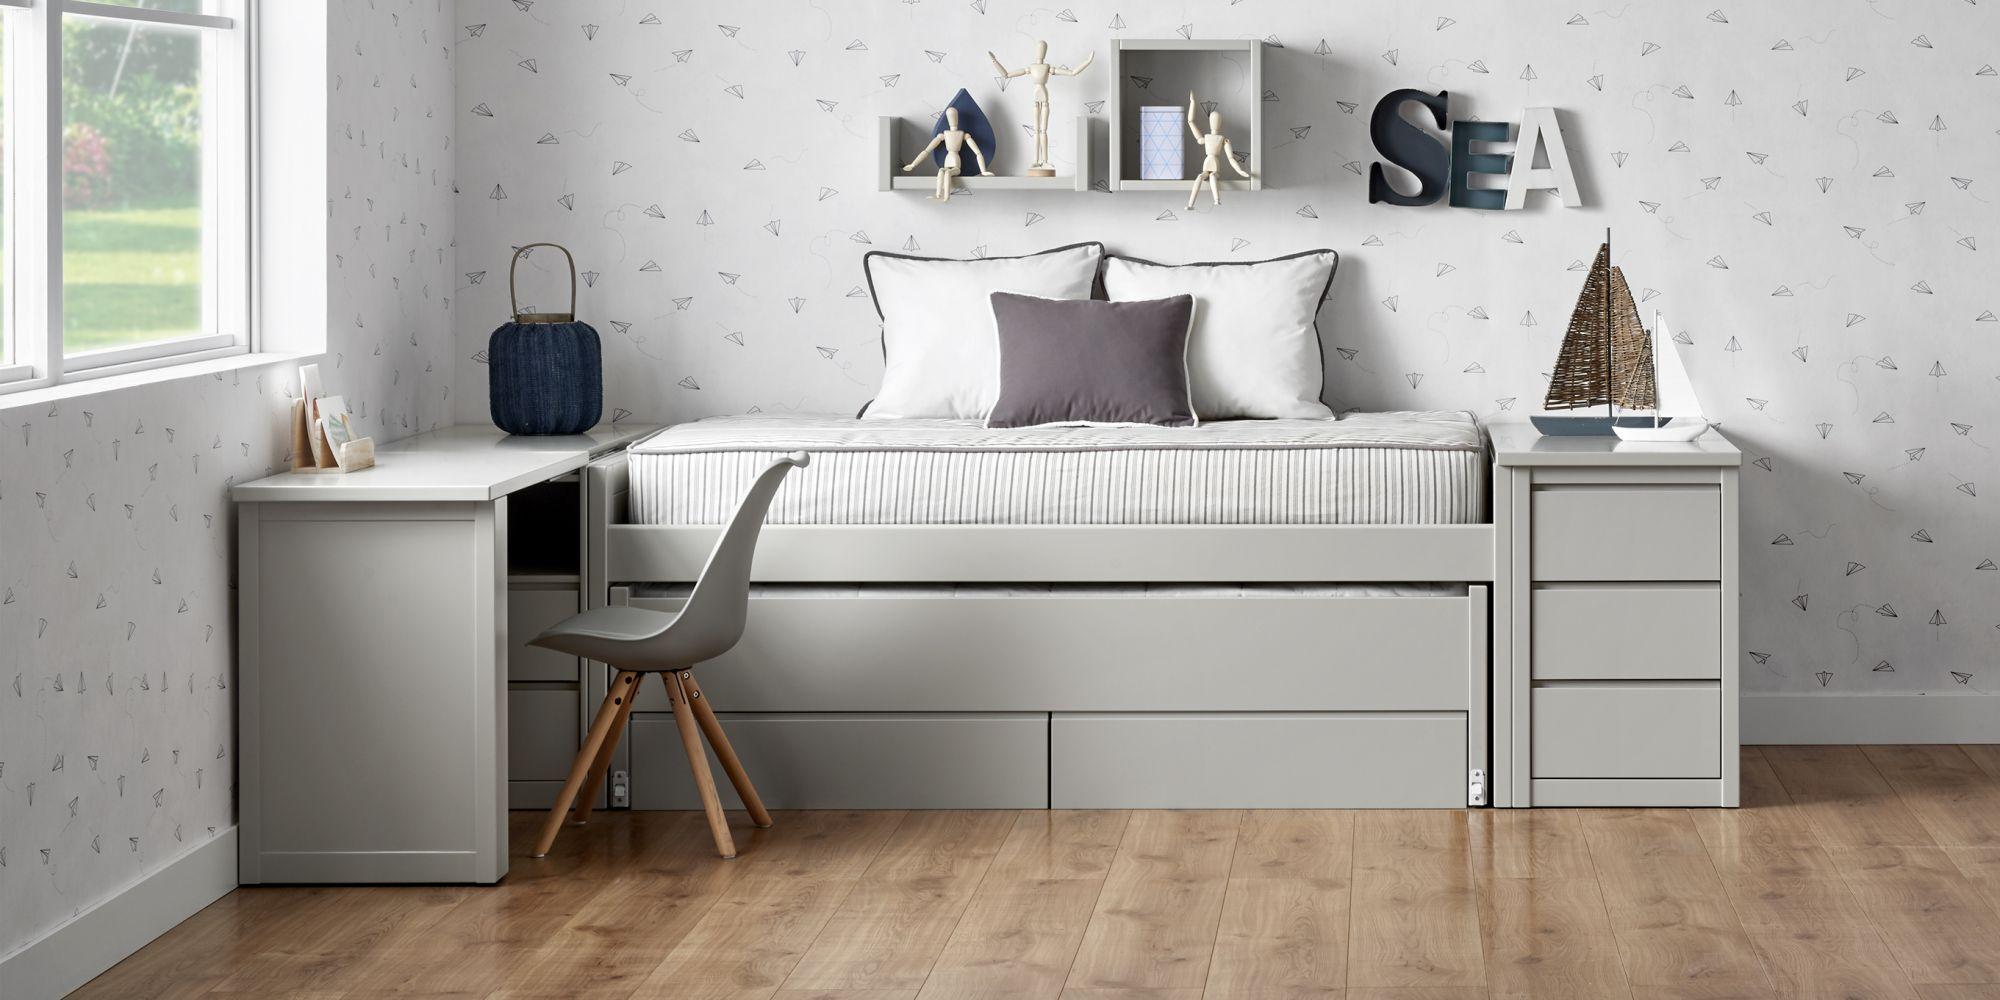 Habitacion juvenil con cama compacta para dos colchones y almacenaje